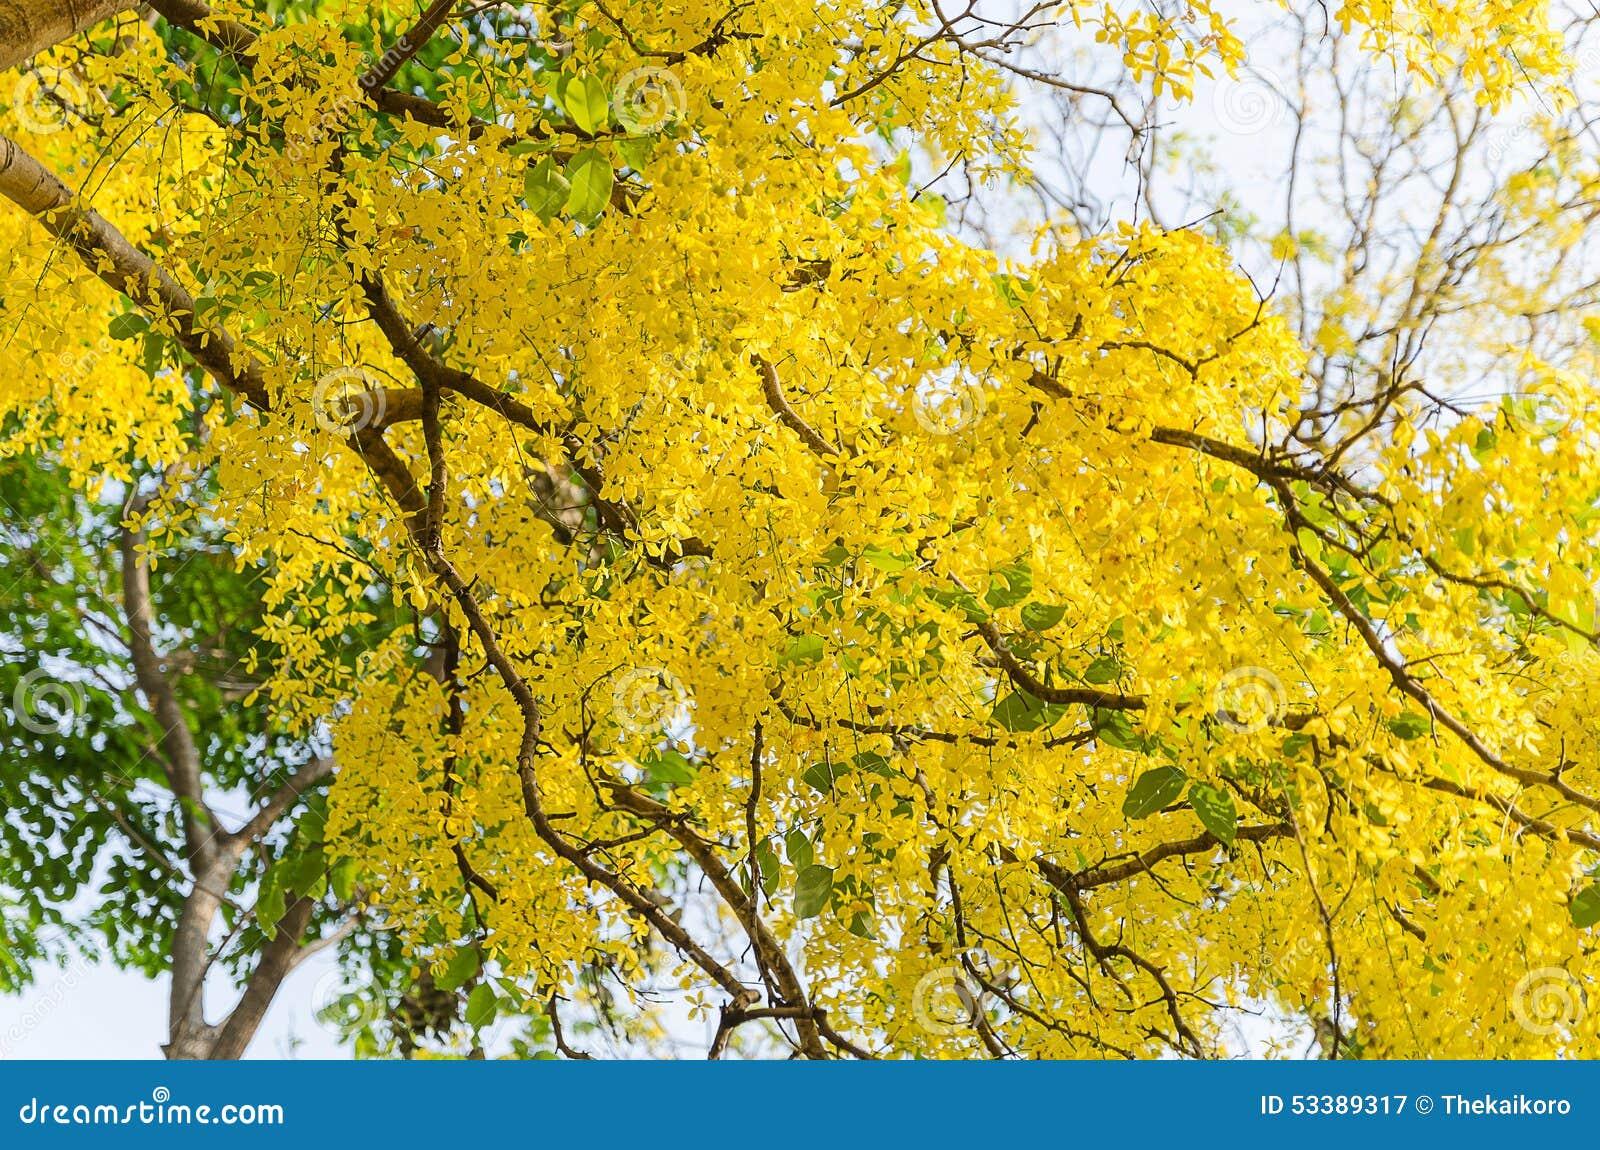 Golden shower tree beautiful yellow flower ratchaphruek stock image download comp mightylinksfo